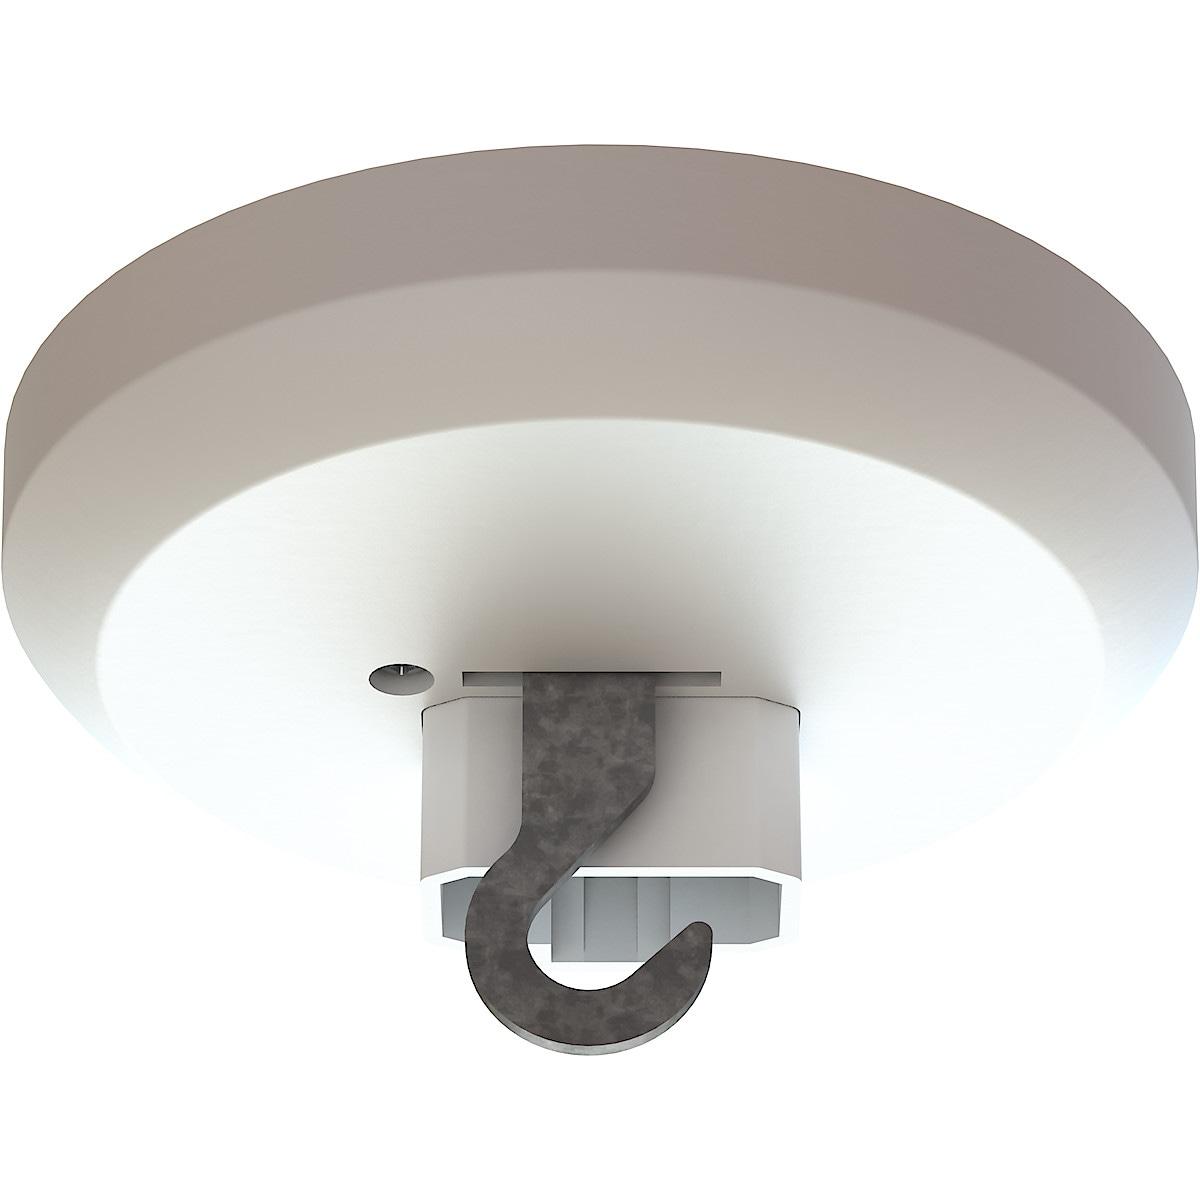 Lamputtag DCL för tak utanpåliggande